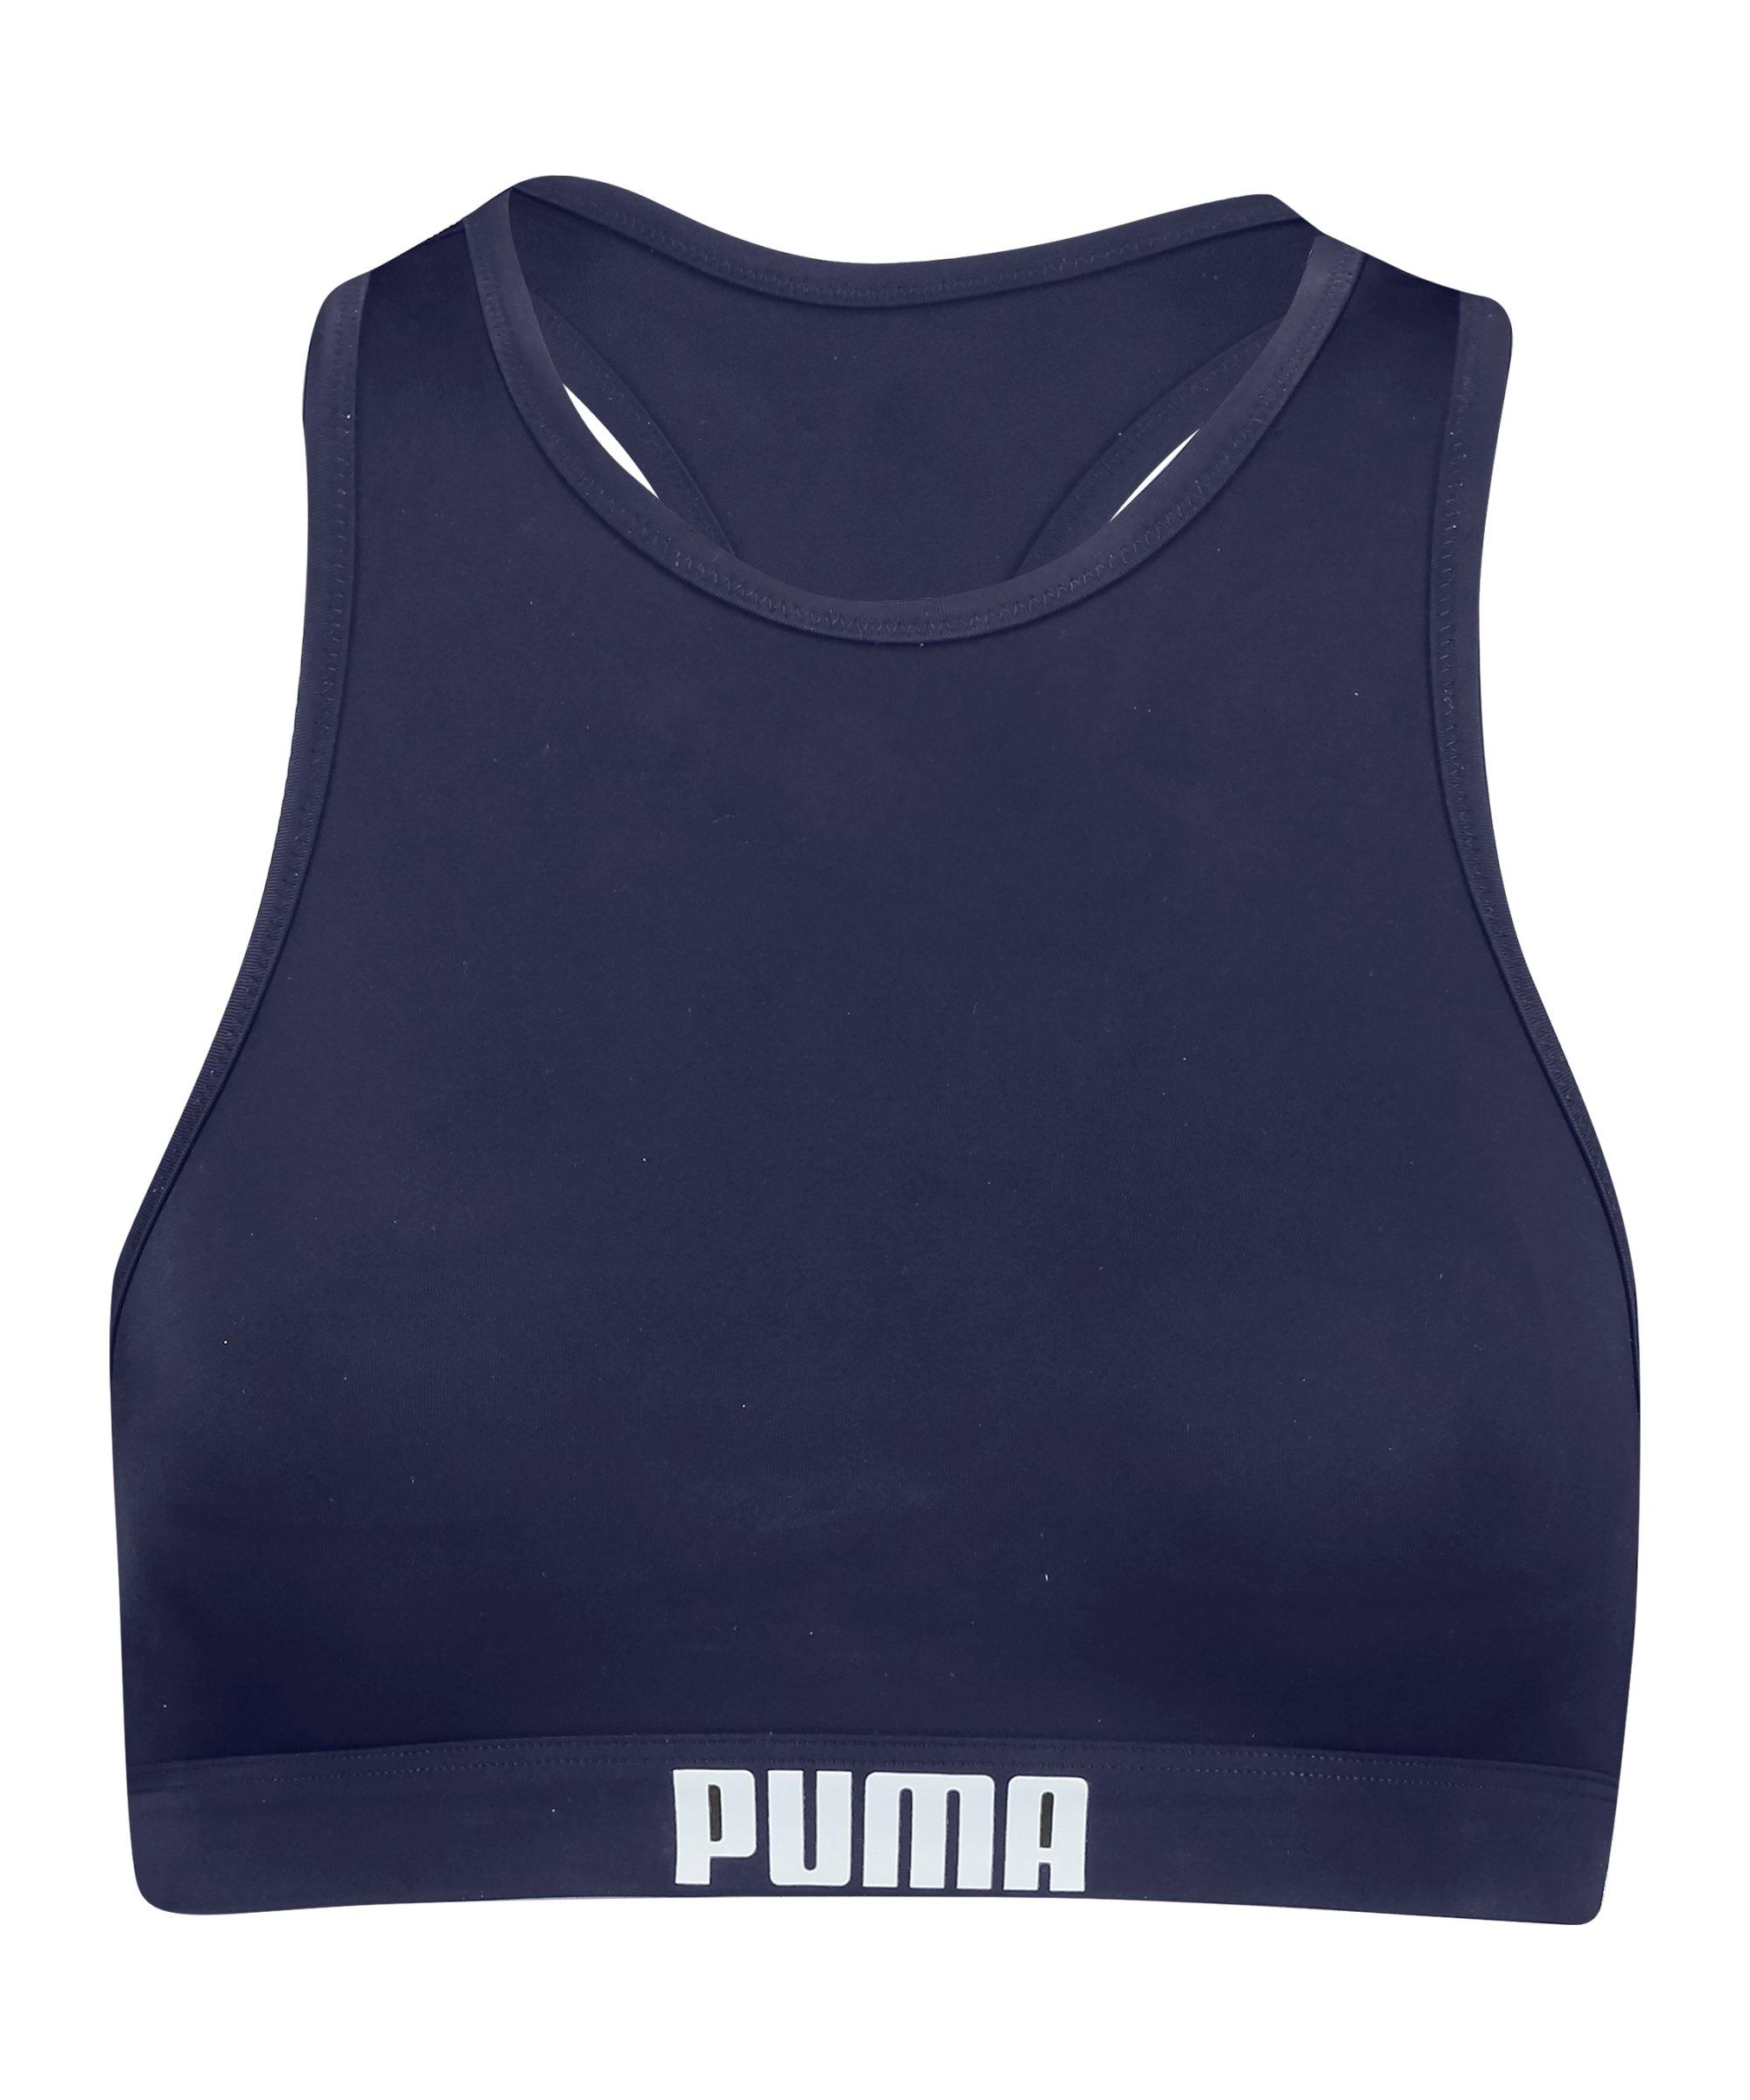 PUMA Racerback Bikini Top Damen Blau F001 - blau